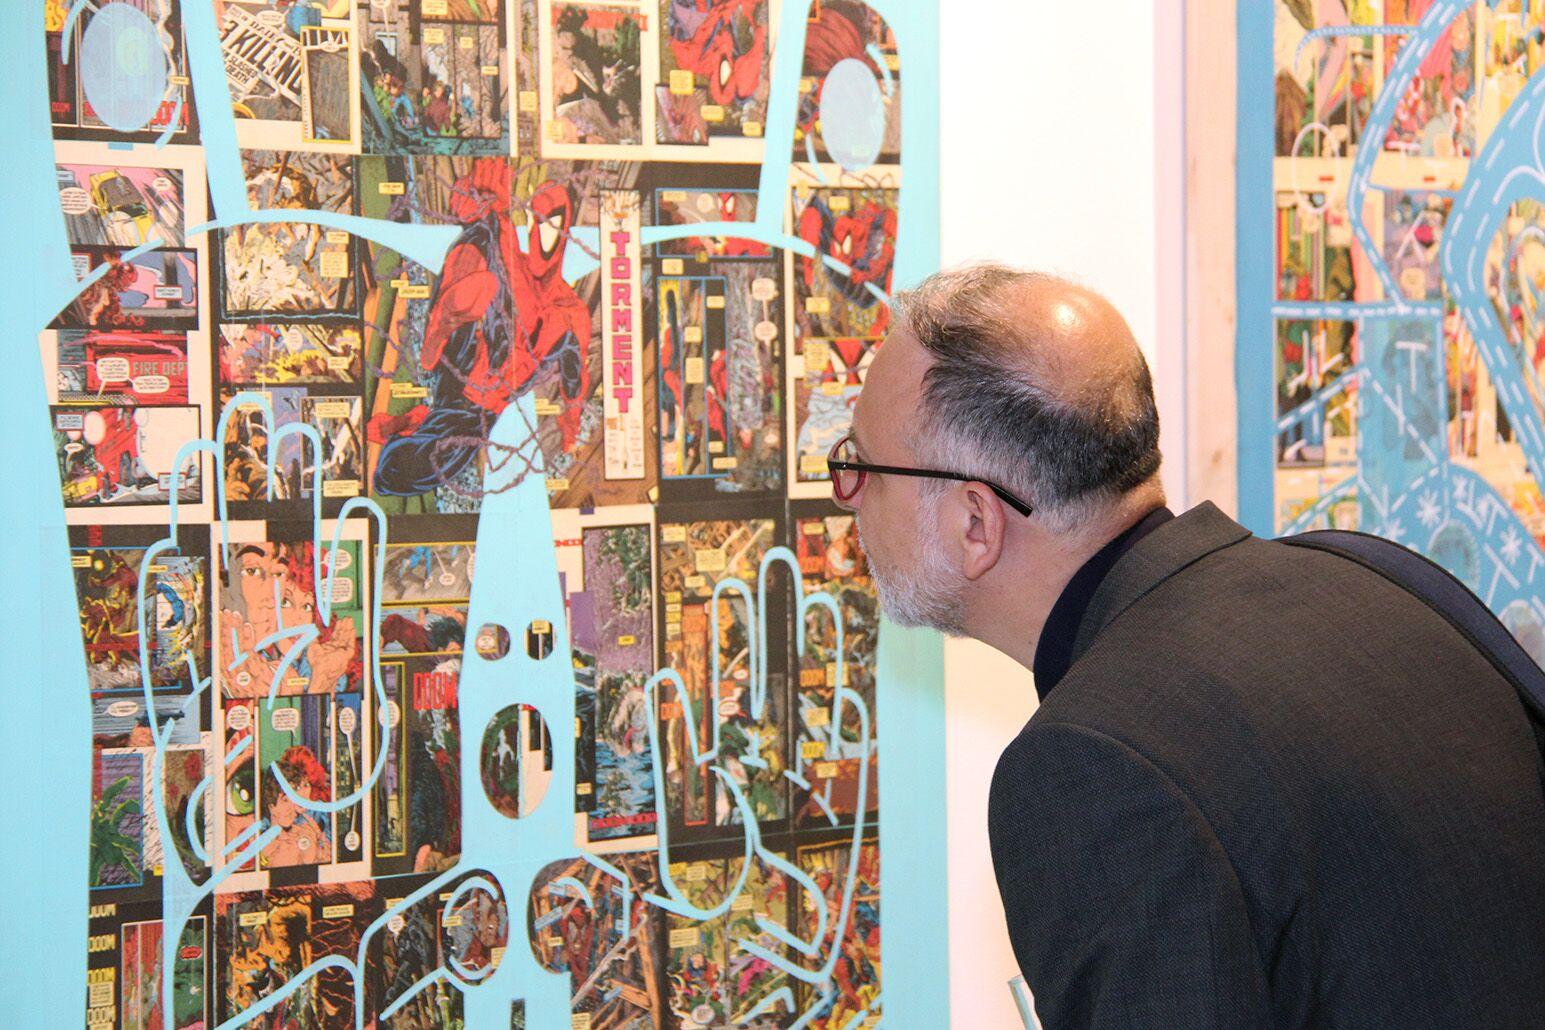 Venez voir l'exposition! - Visitez la Galerie Canada à l'Haut-commissariat du Canada au Royaume-Uni.Entrée gratuite (contrôles de sécurité en place)Appuyez sur ce lien pour plus d'information